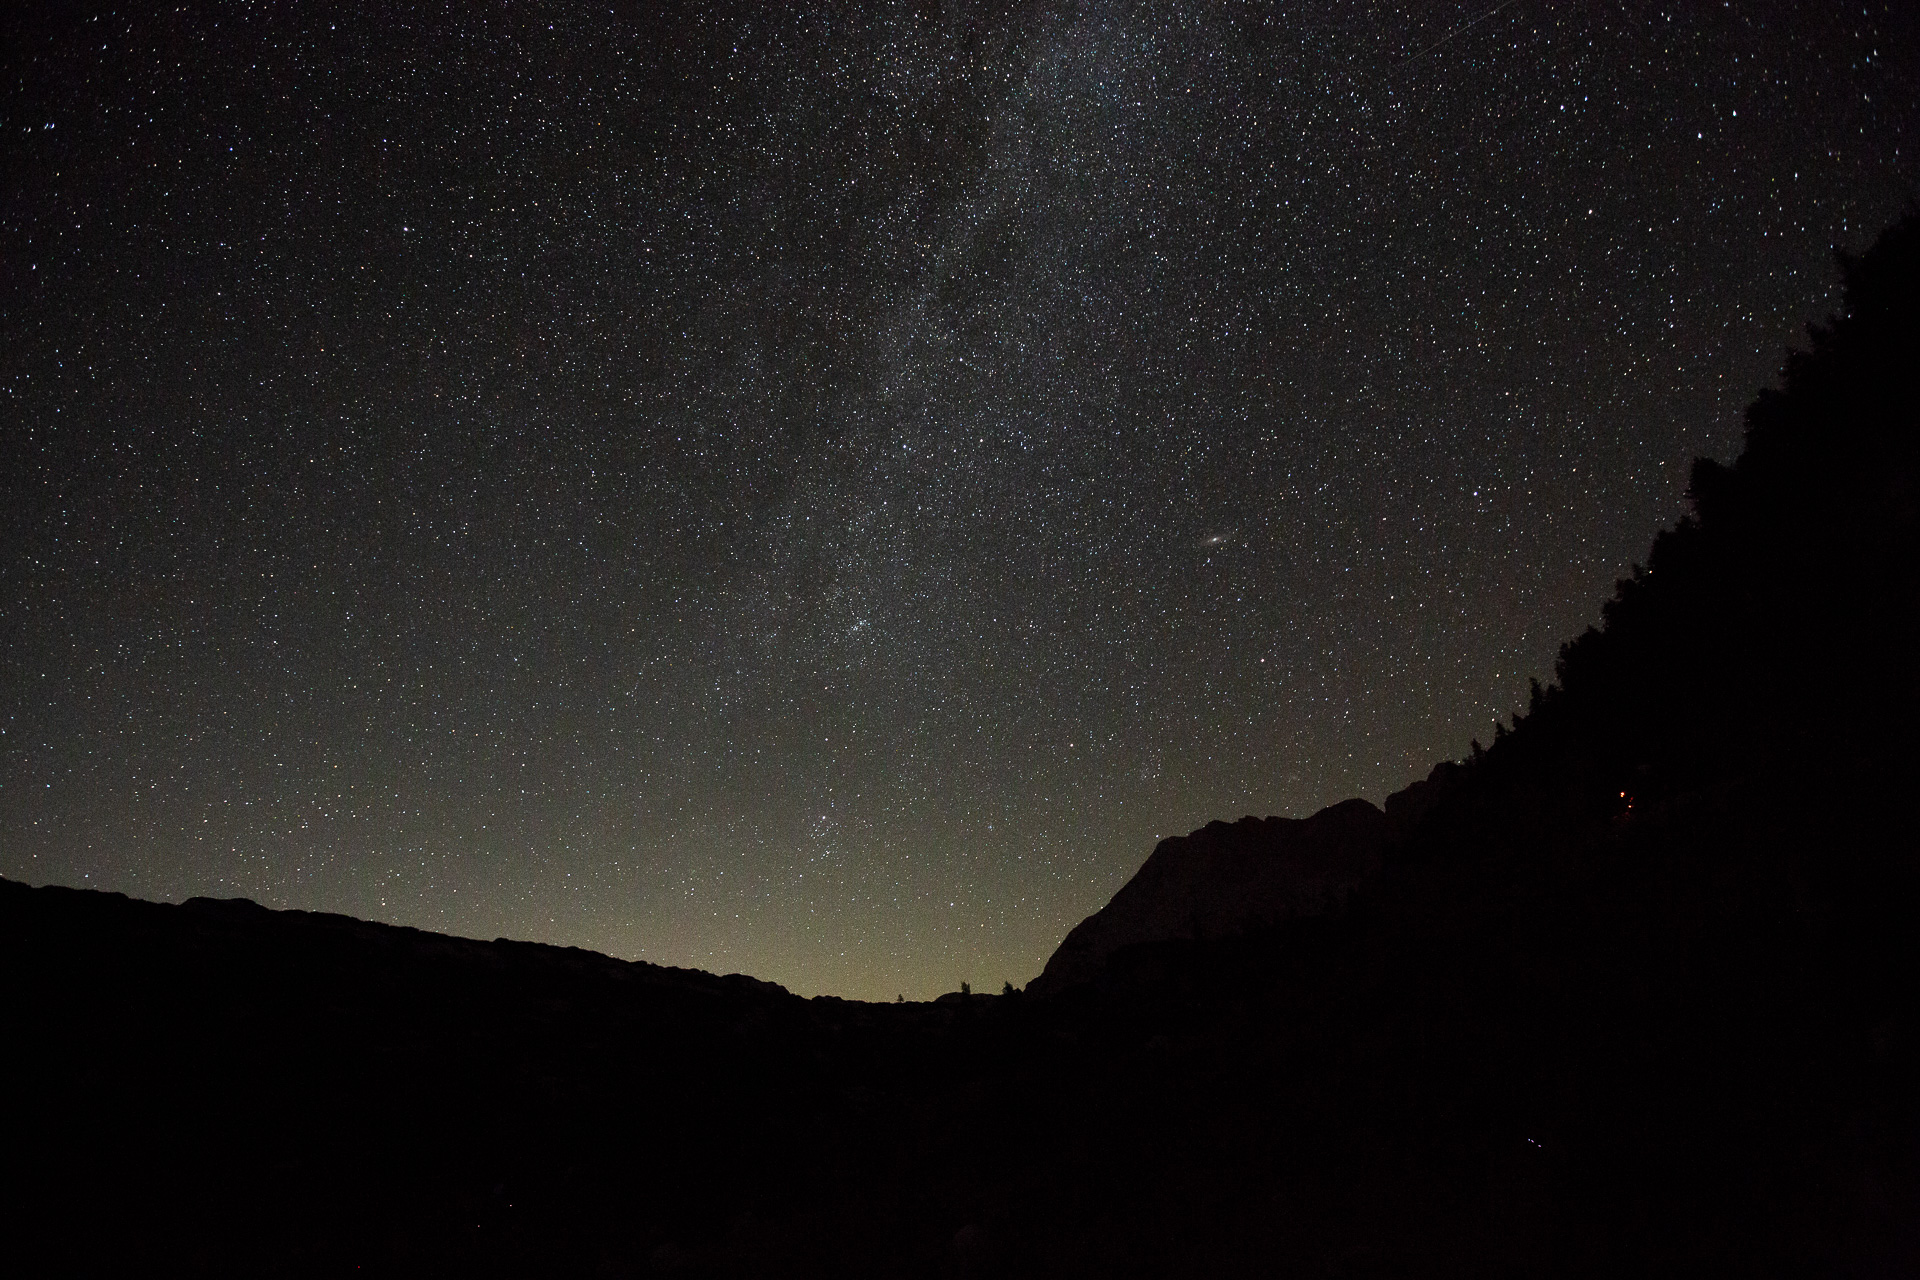 Mach deine Kamera fit für das Fotografieren unter dem Sternenhimmel.